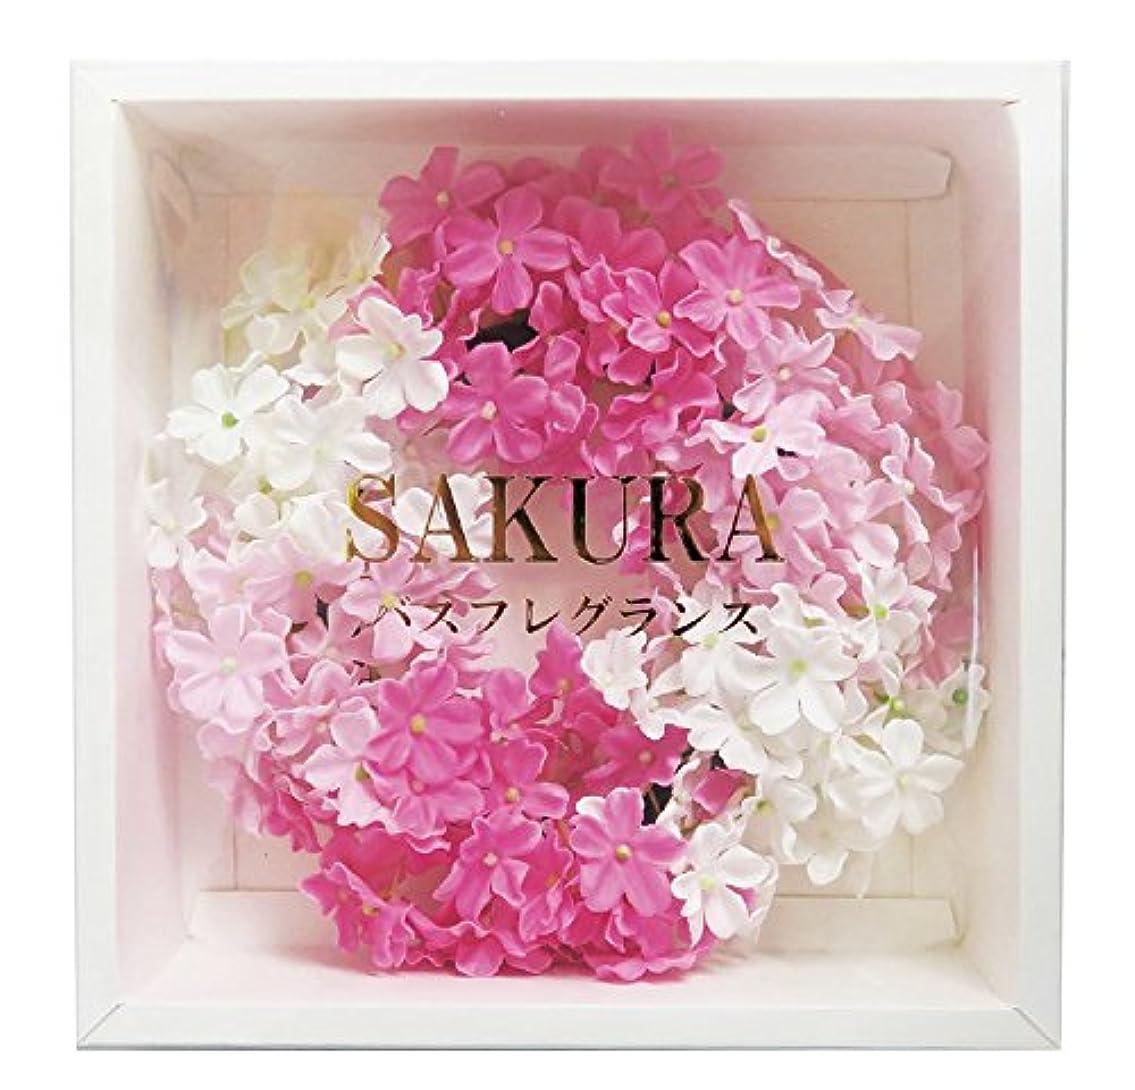 公使館測る剥ぎ取る花のカタチの入浴料! バスフレグランス SAKURA サクラ リース